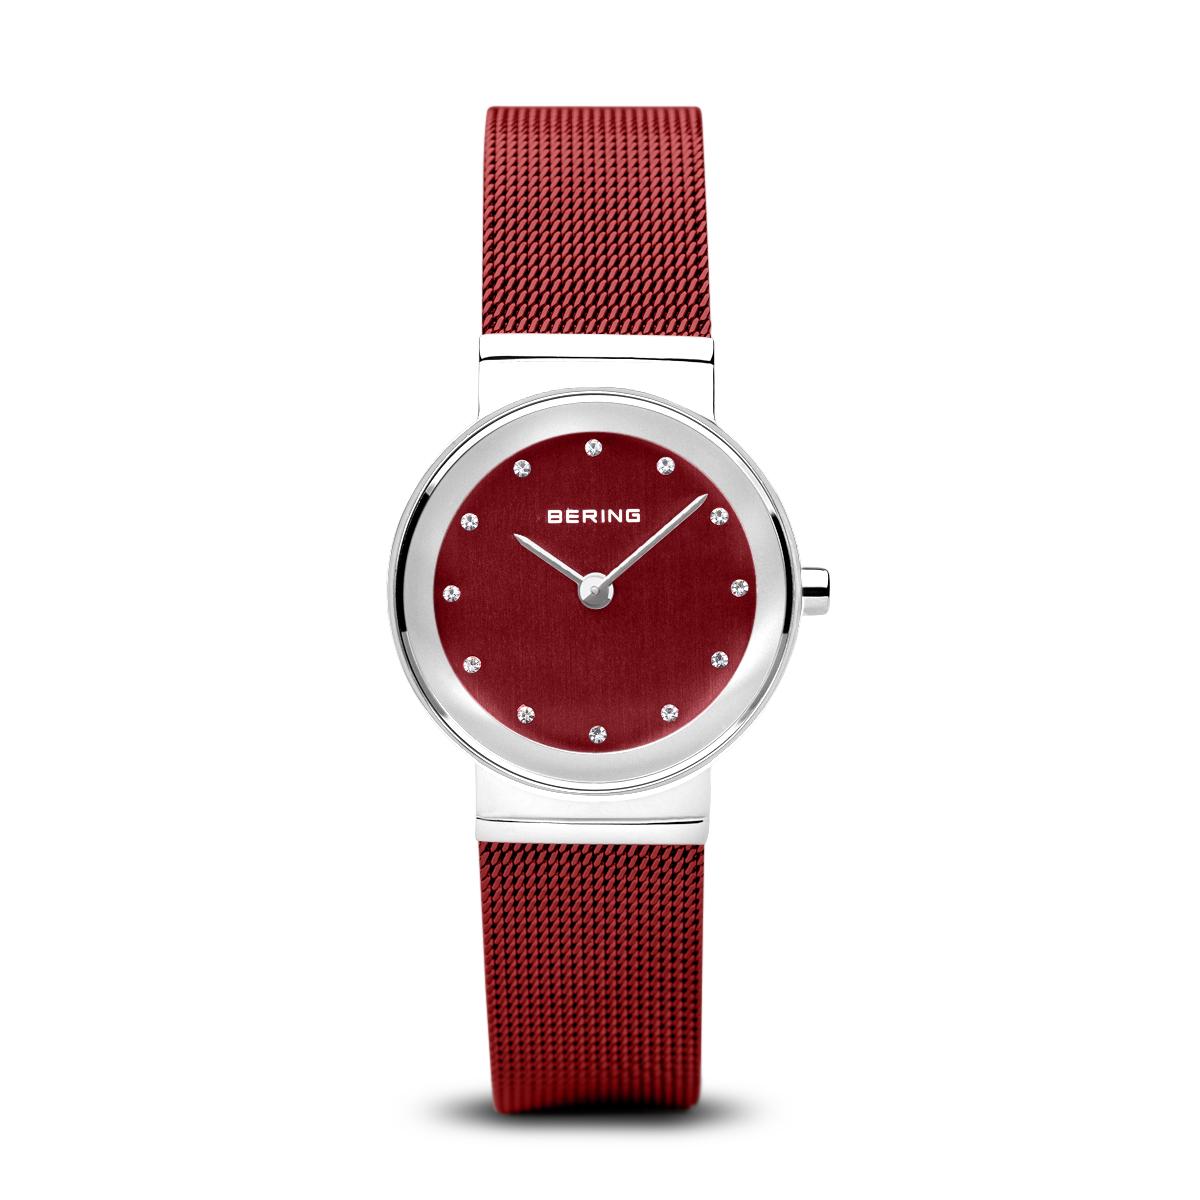 שעון ברינג דגם BERING 10126-303